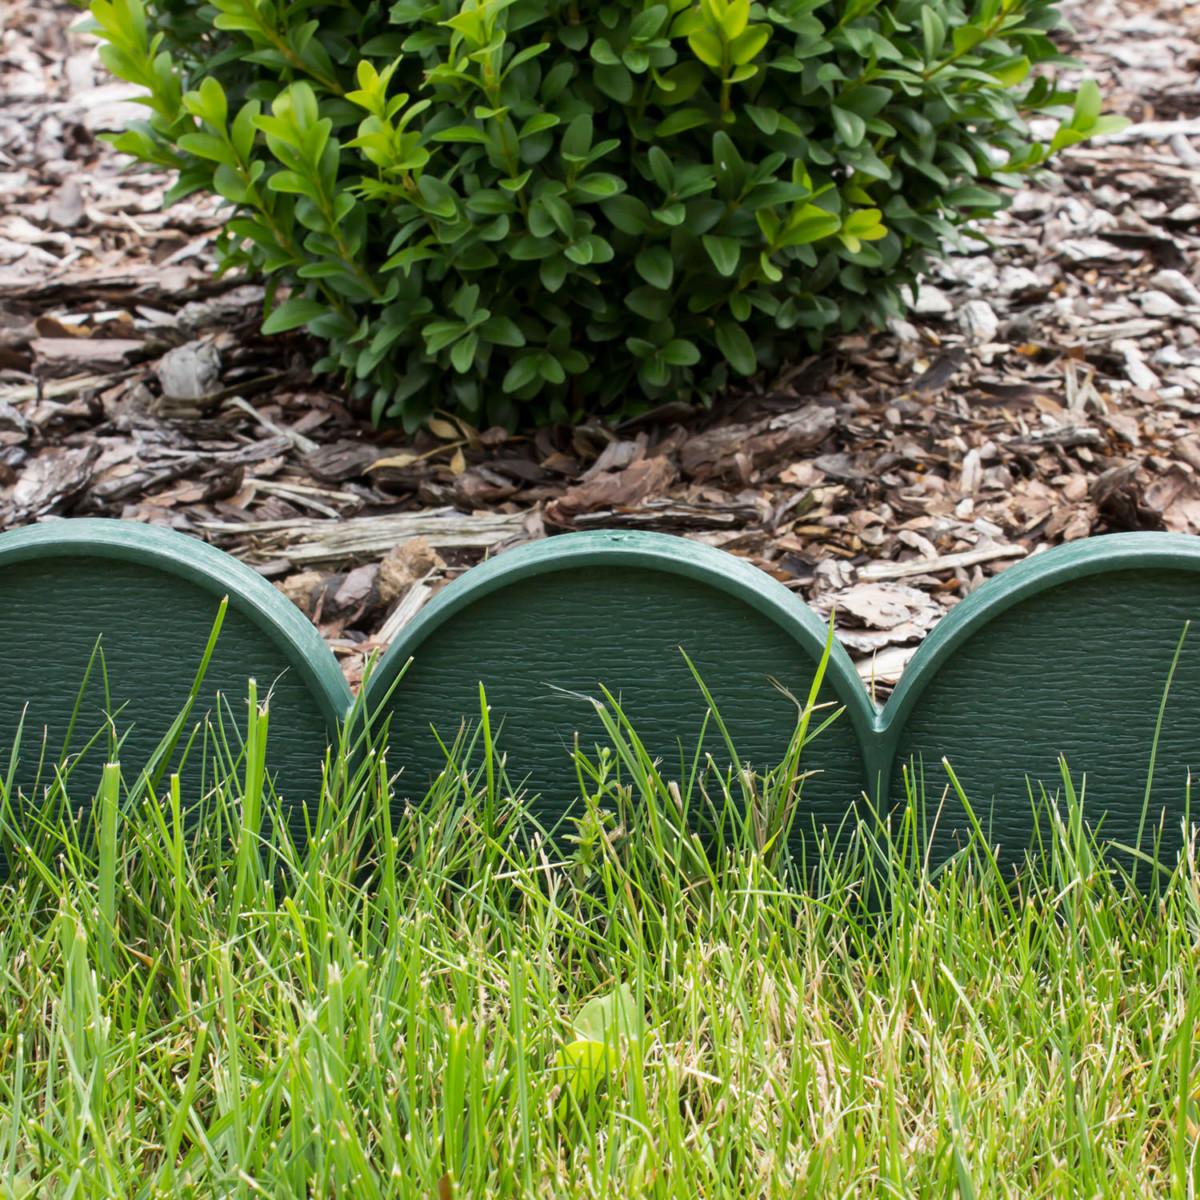 pour bordure de gazon et parterre de fleurs, palissade 10 m en vert